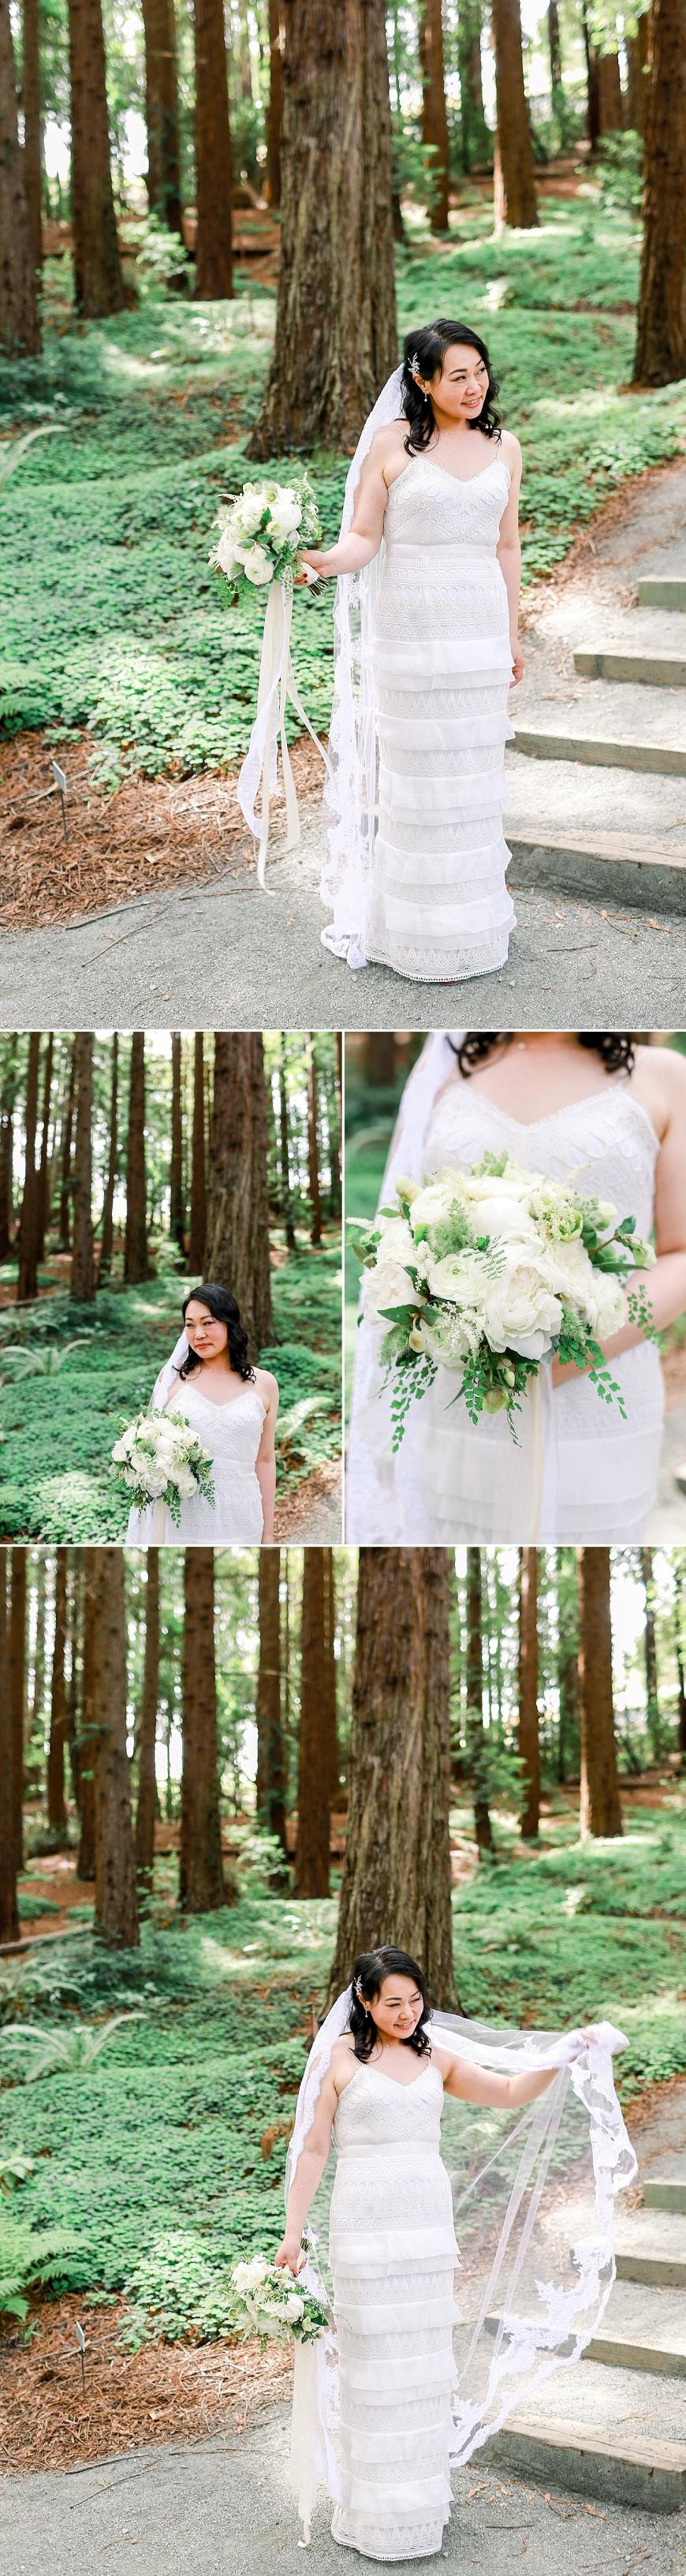 UC-Botanical-Garden-Berkeley-Wedding-Photographer_1019.jpg